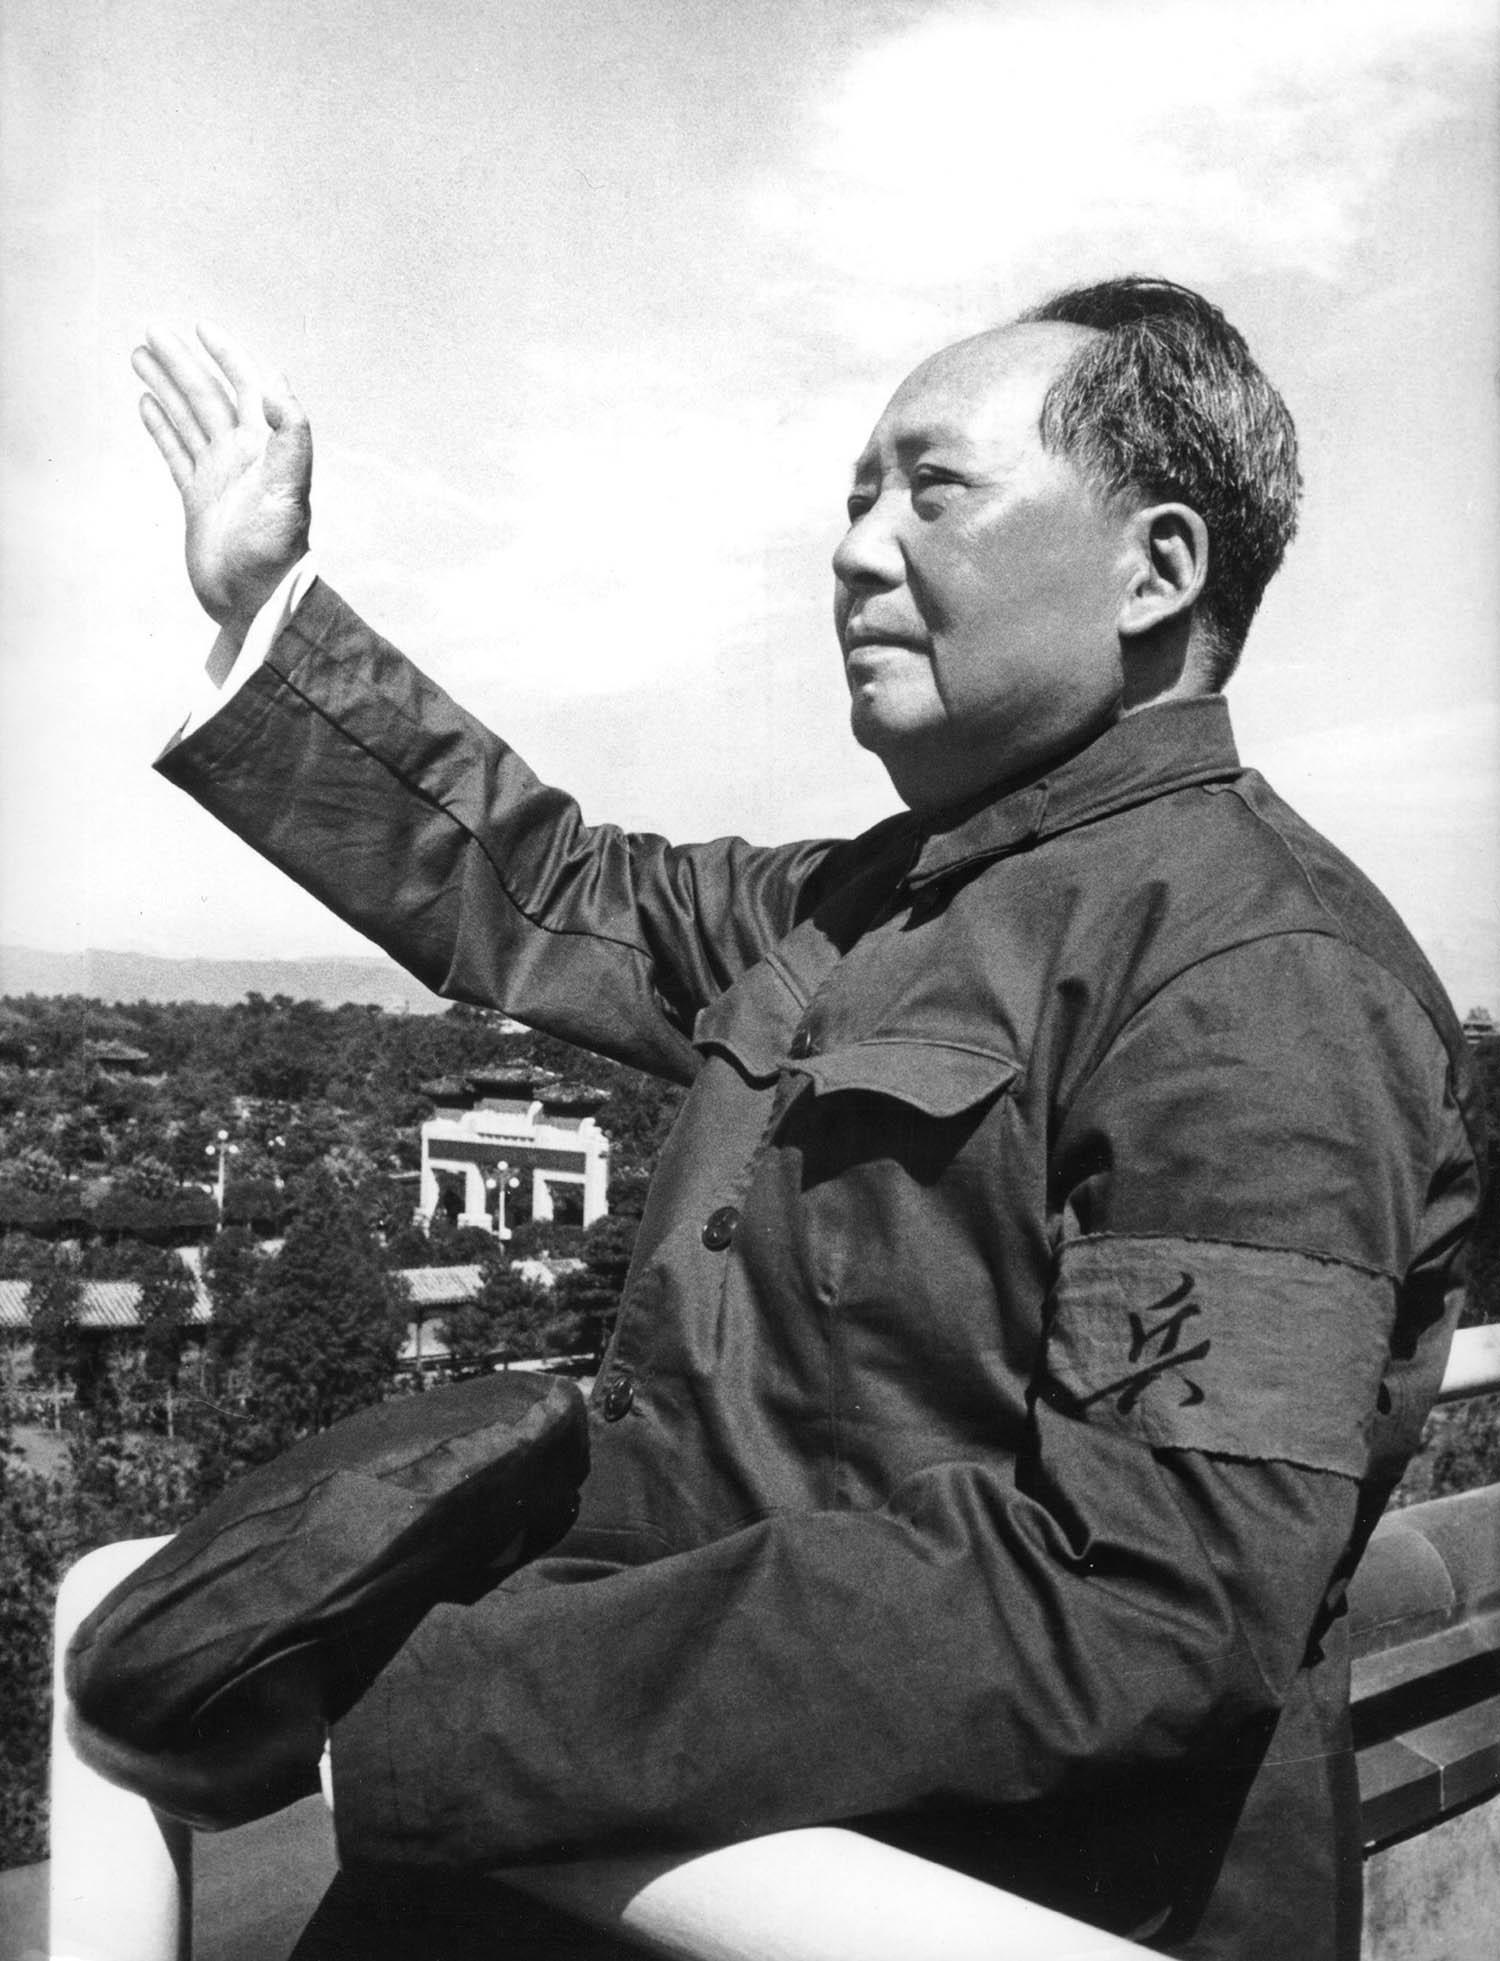 ماوتسی تۆنگ 1893 ـ 1976